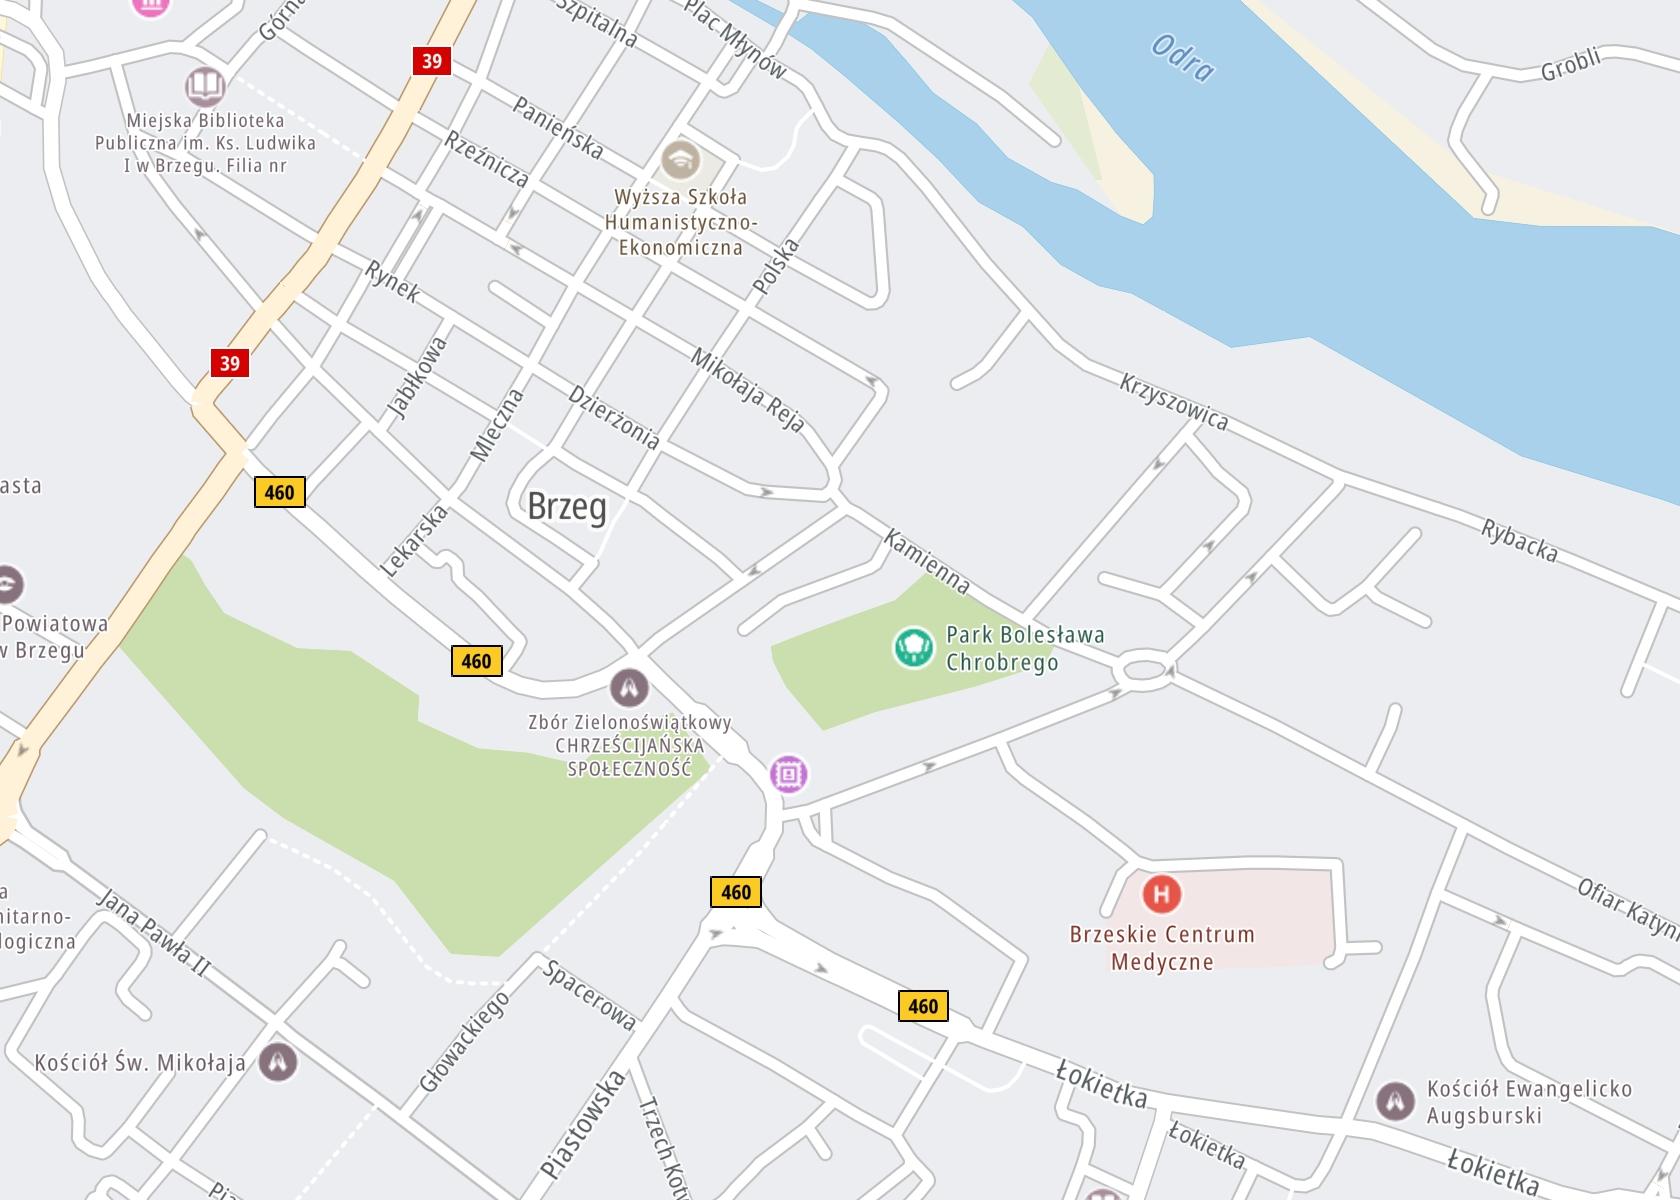 Położenie Specjalistyczna poradnia ZOZ Beta s.c. Brzeg na mapie